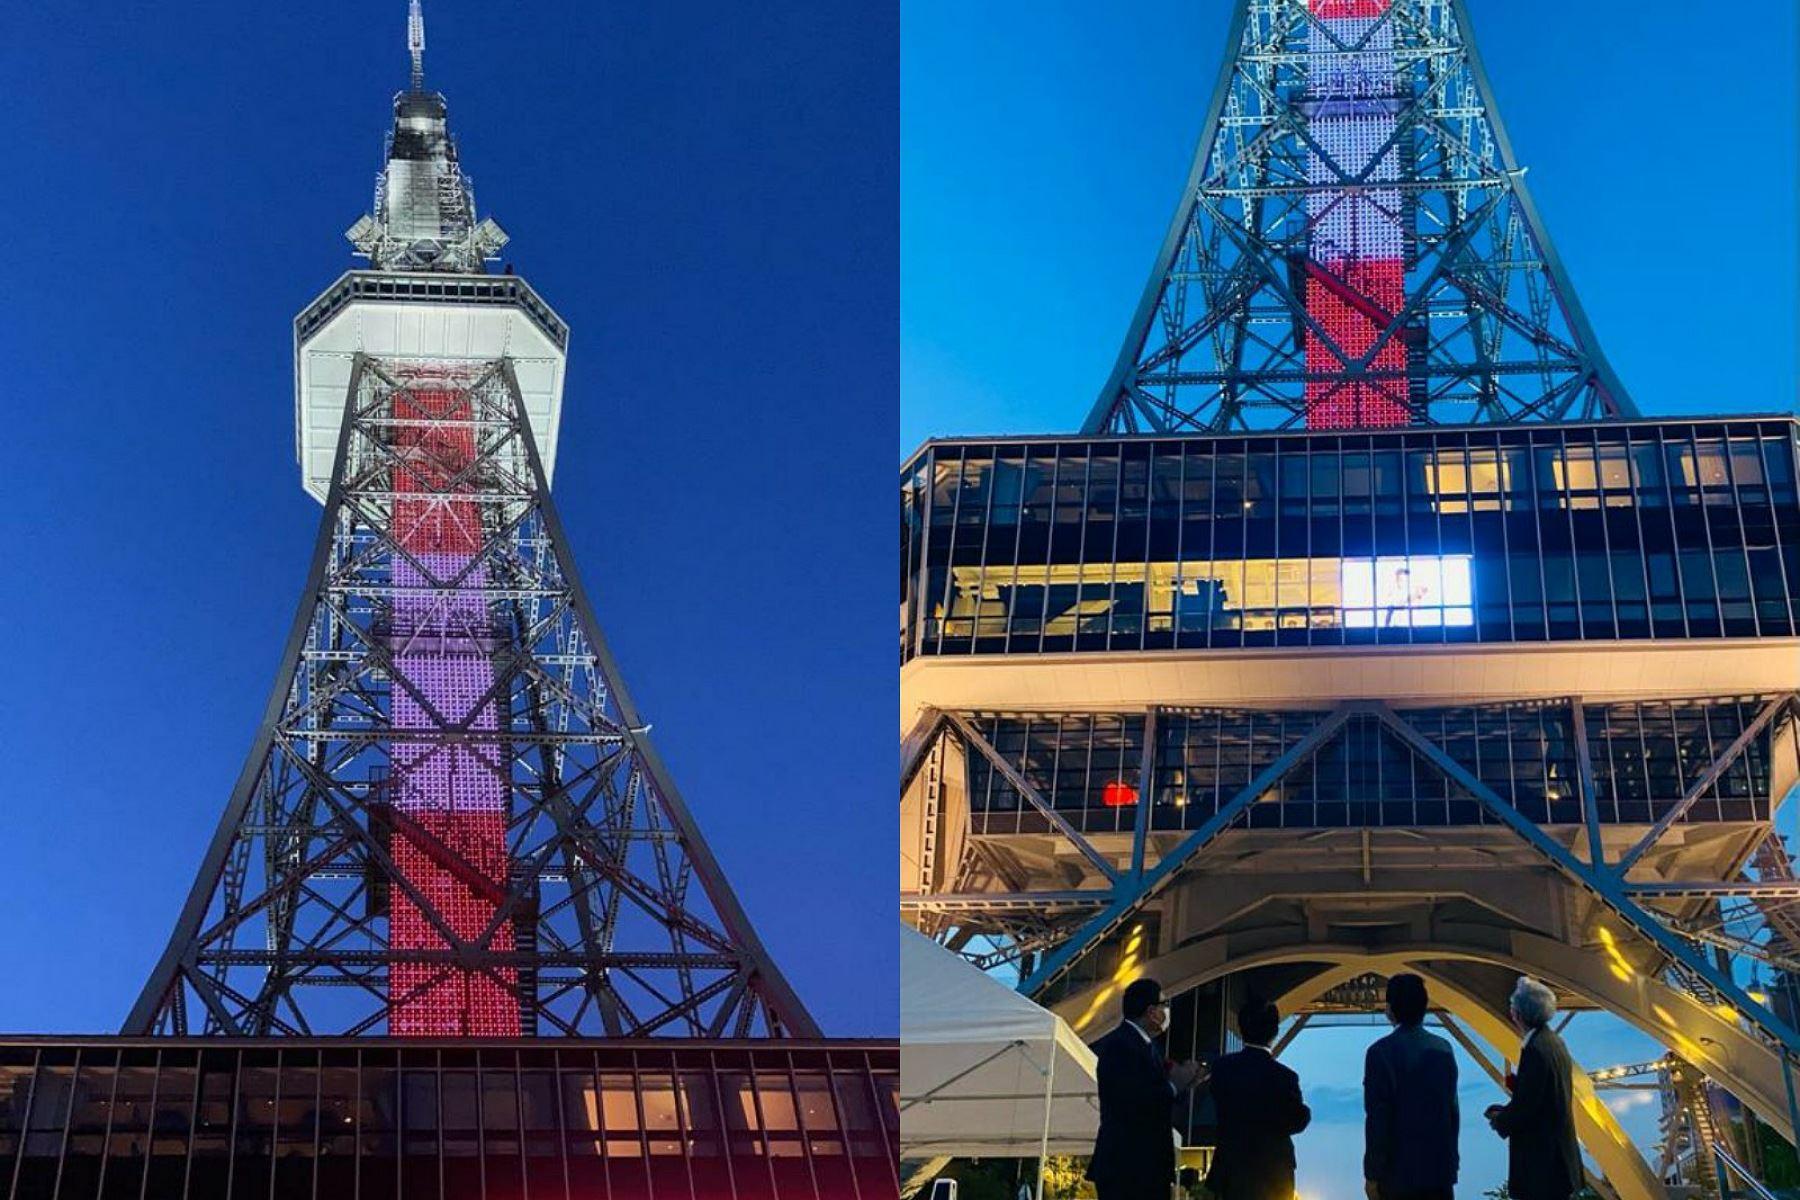 La Torre de Nagoya se ilumina de rojo y blanco por el Bicentenario del Perú. Foto: Difusión